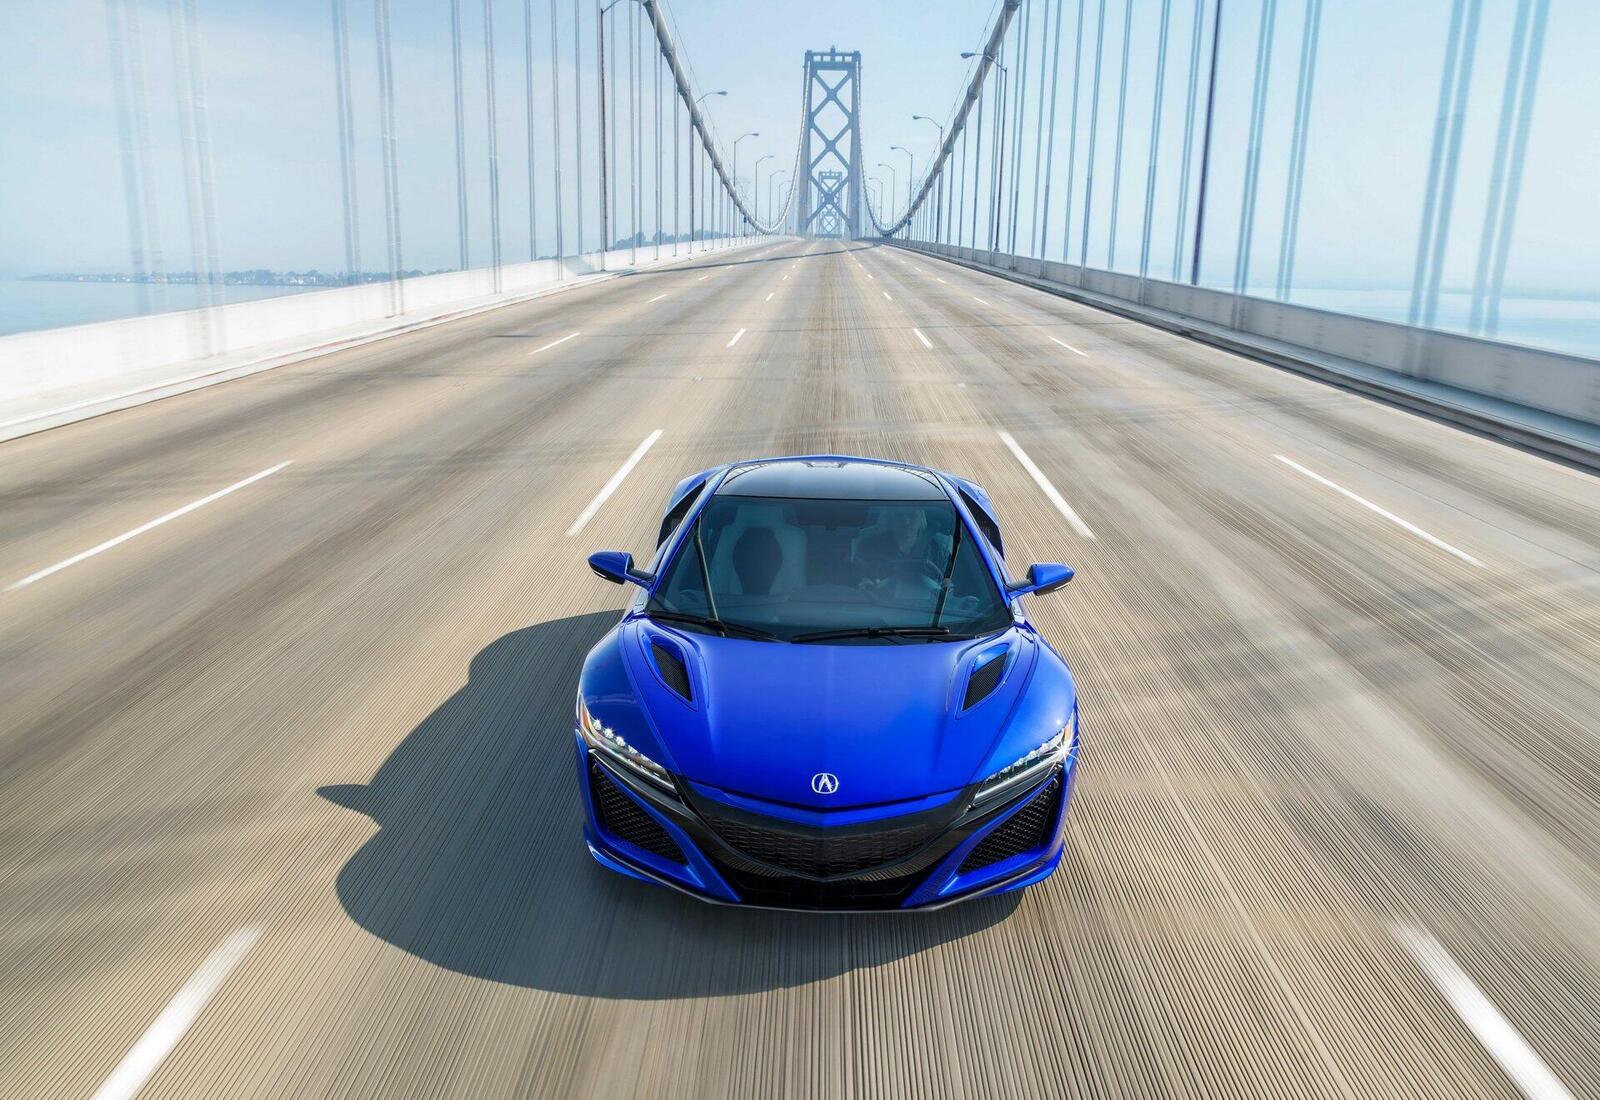 Siêu xe Acura NSX 2019 động cơ hybrid chốt giá từ 157.500 USD - Hình 14